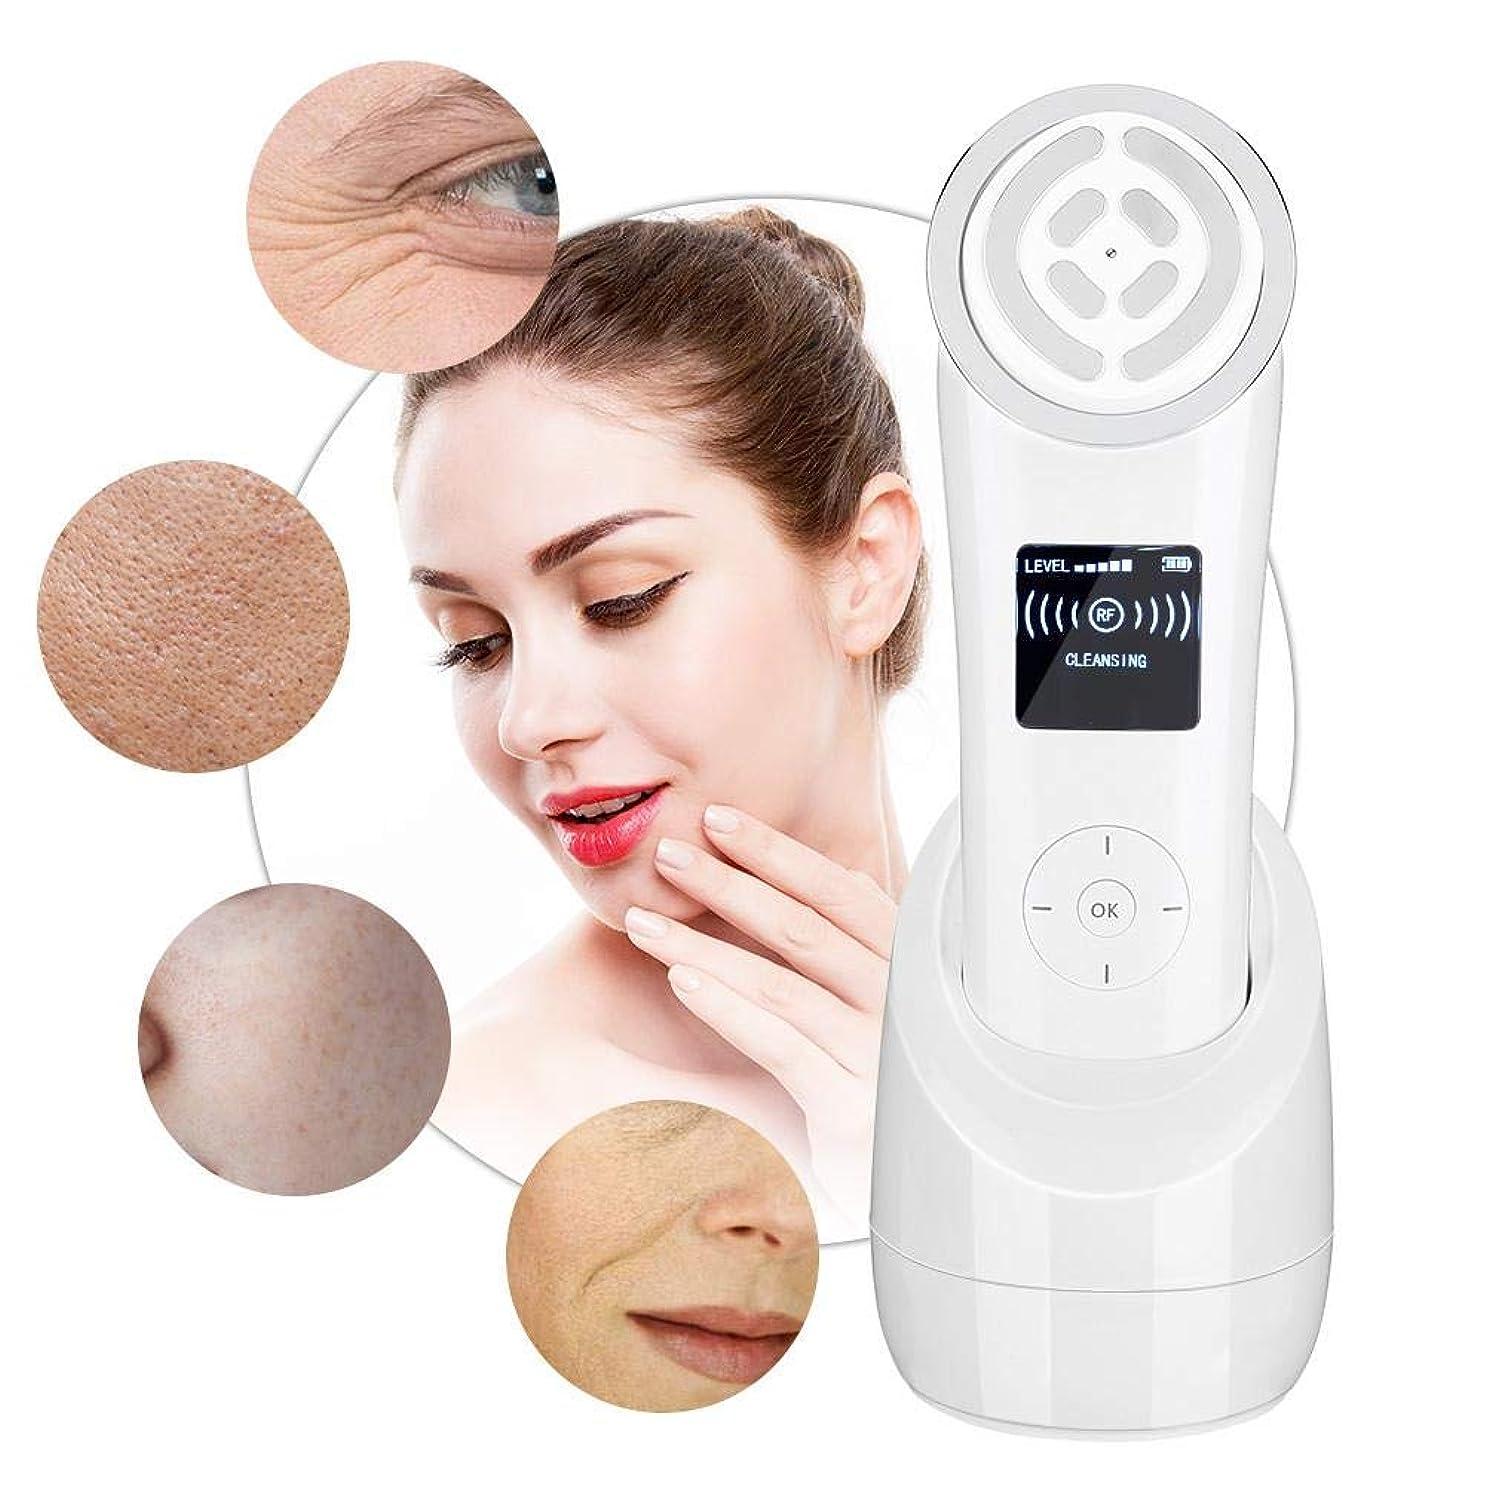 取るガウン日常的に顔の美しさのマシン - RF周波数アンチエイジングアンチリンクル、肌の若返り楽器 - ポータブル若返り肌がEMS筋肉刺激を強化(UE)